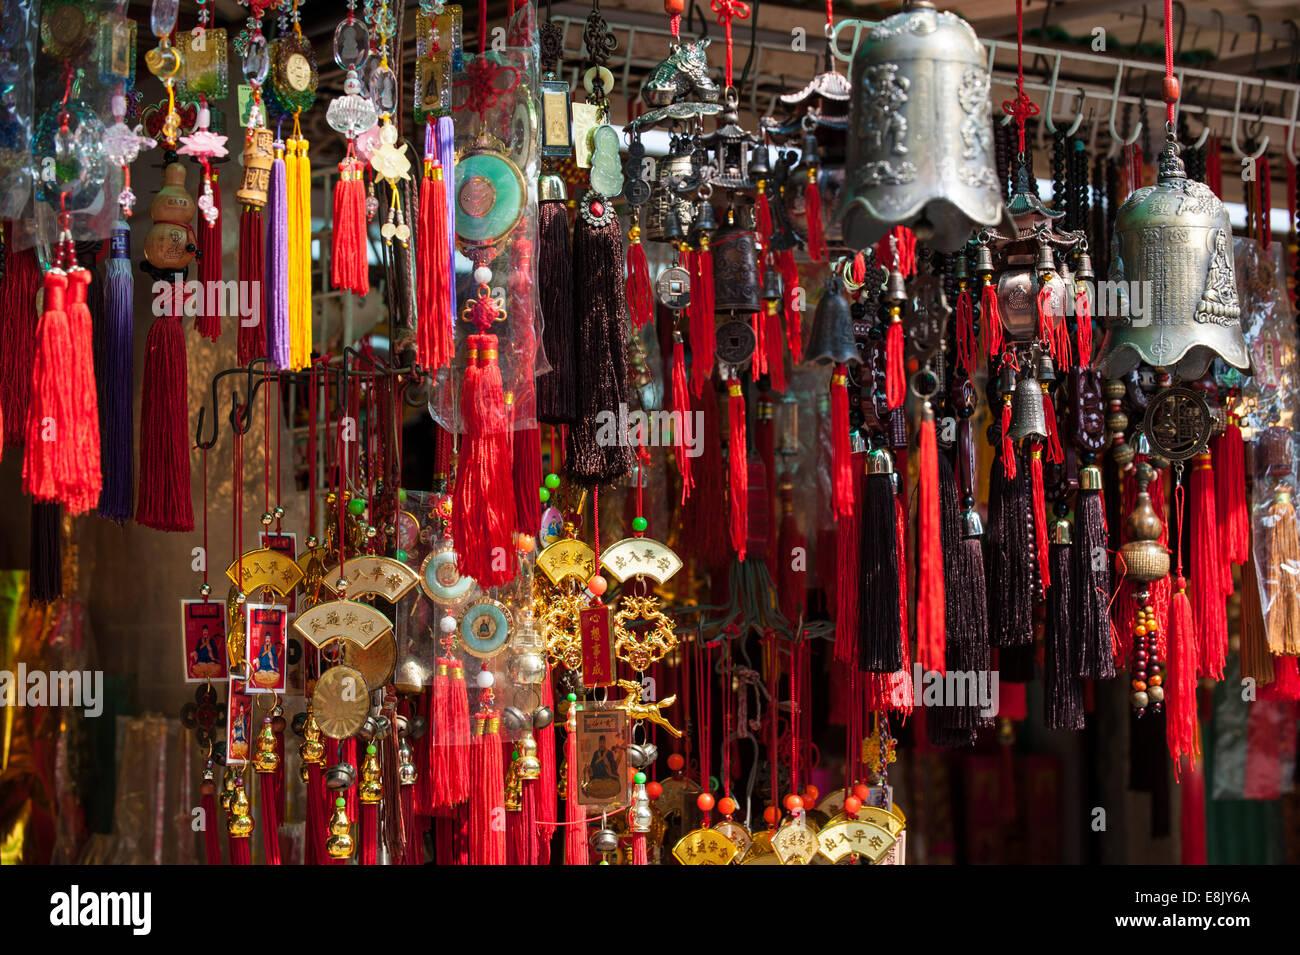 Wong Tai Sin temple, Kowloon. Hong Kong, China - Stock Image